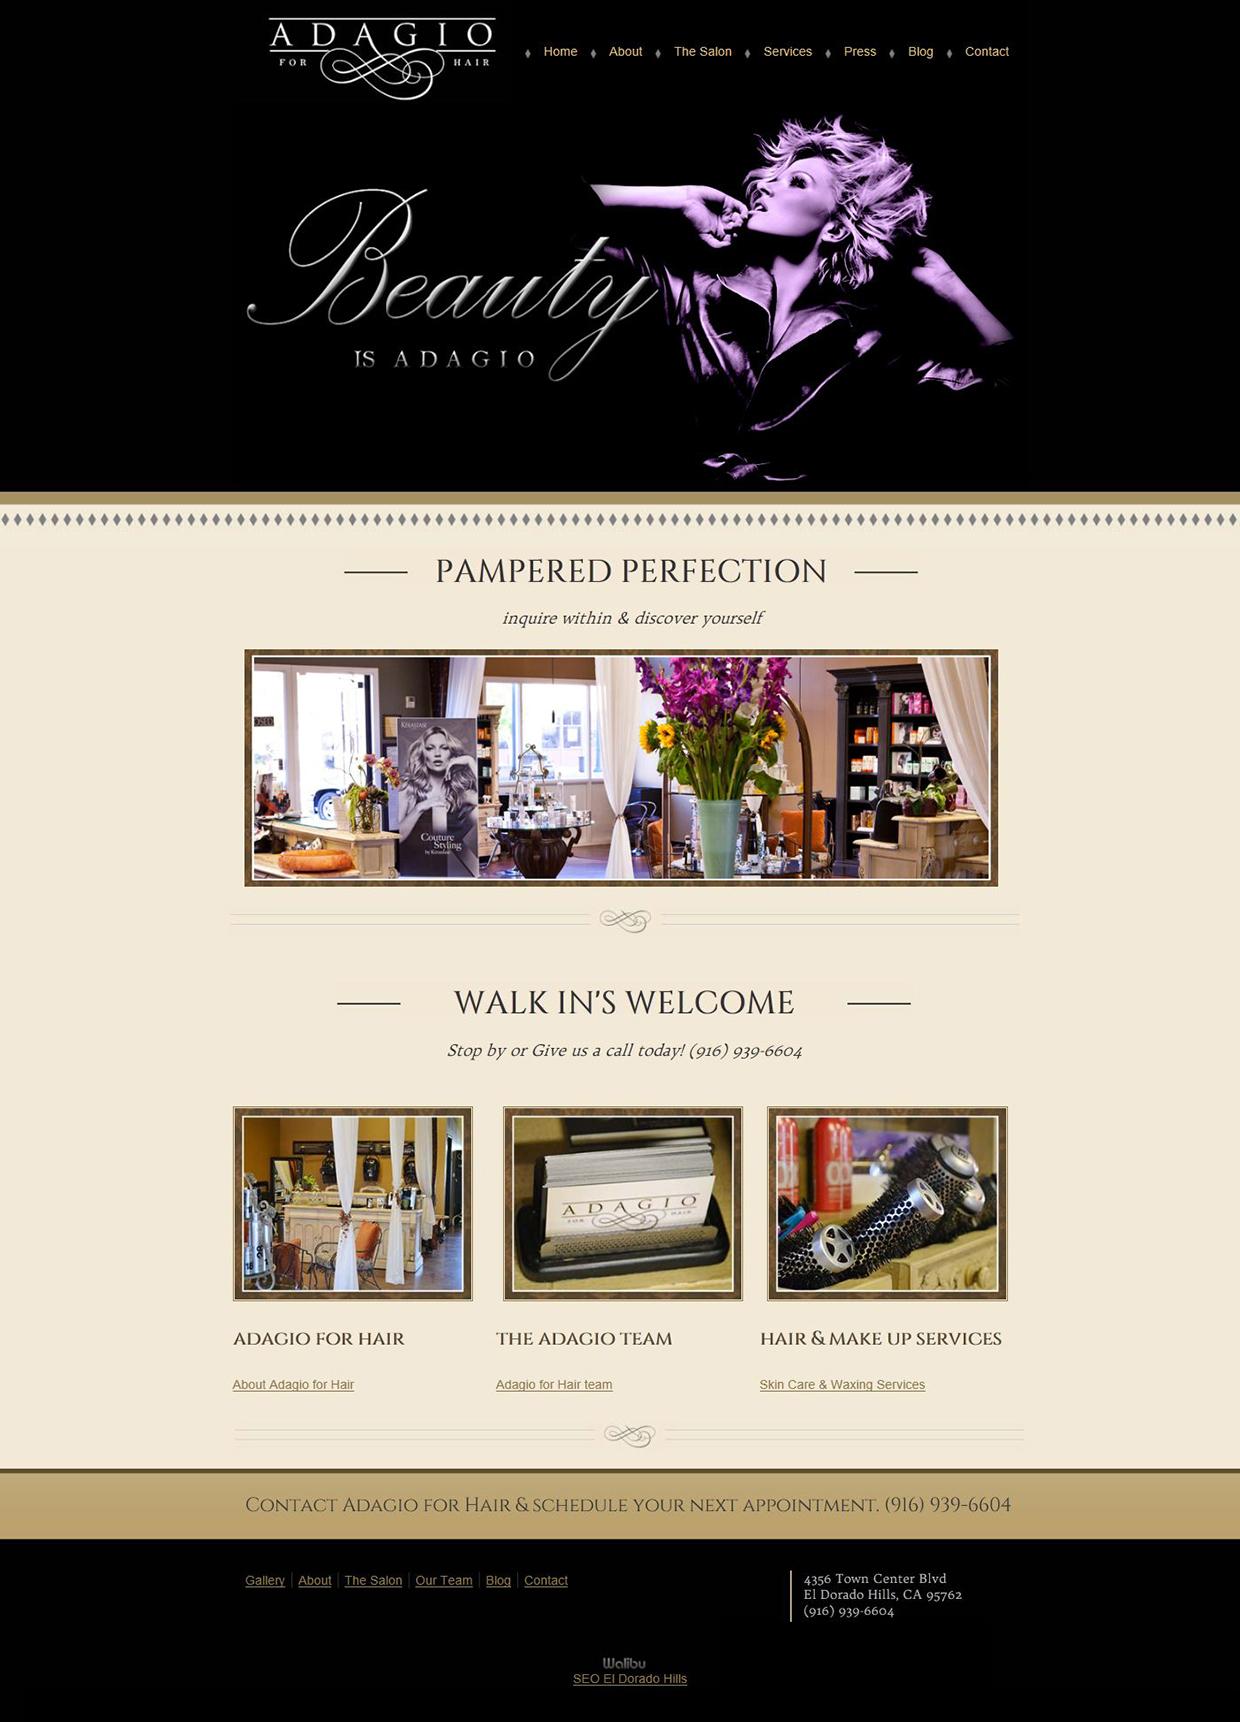 Adagio For Hair Website Design